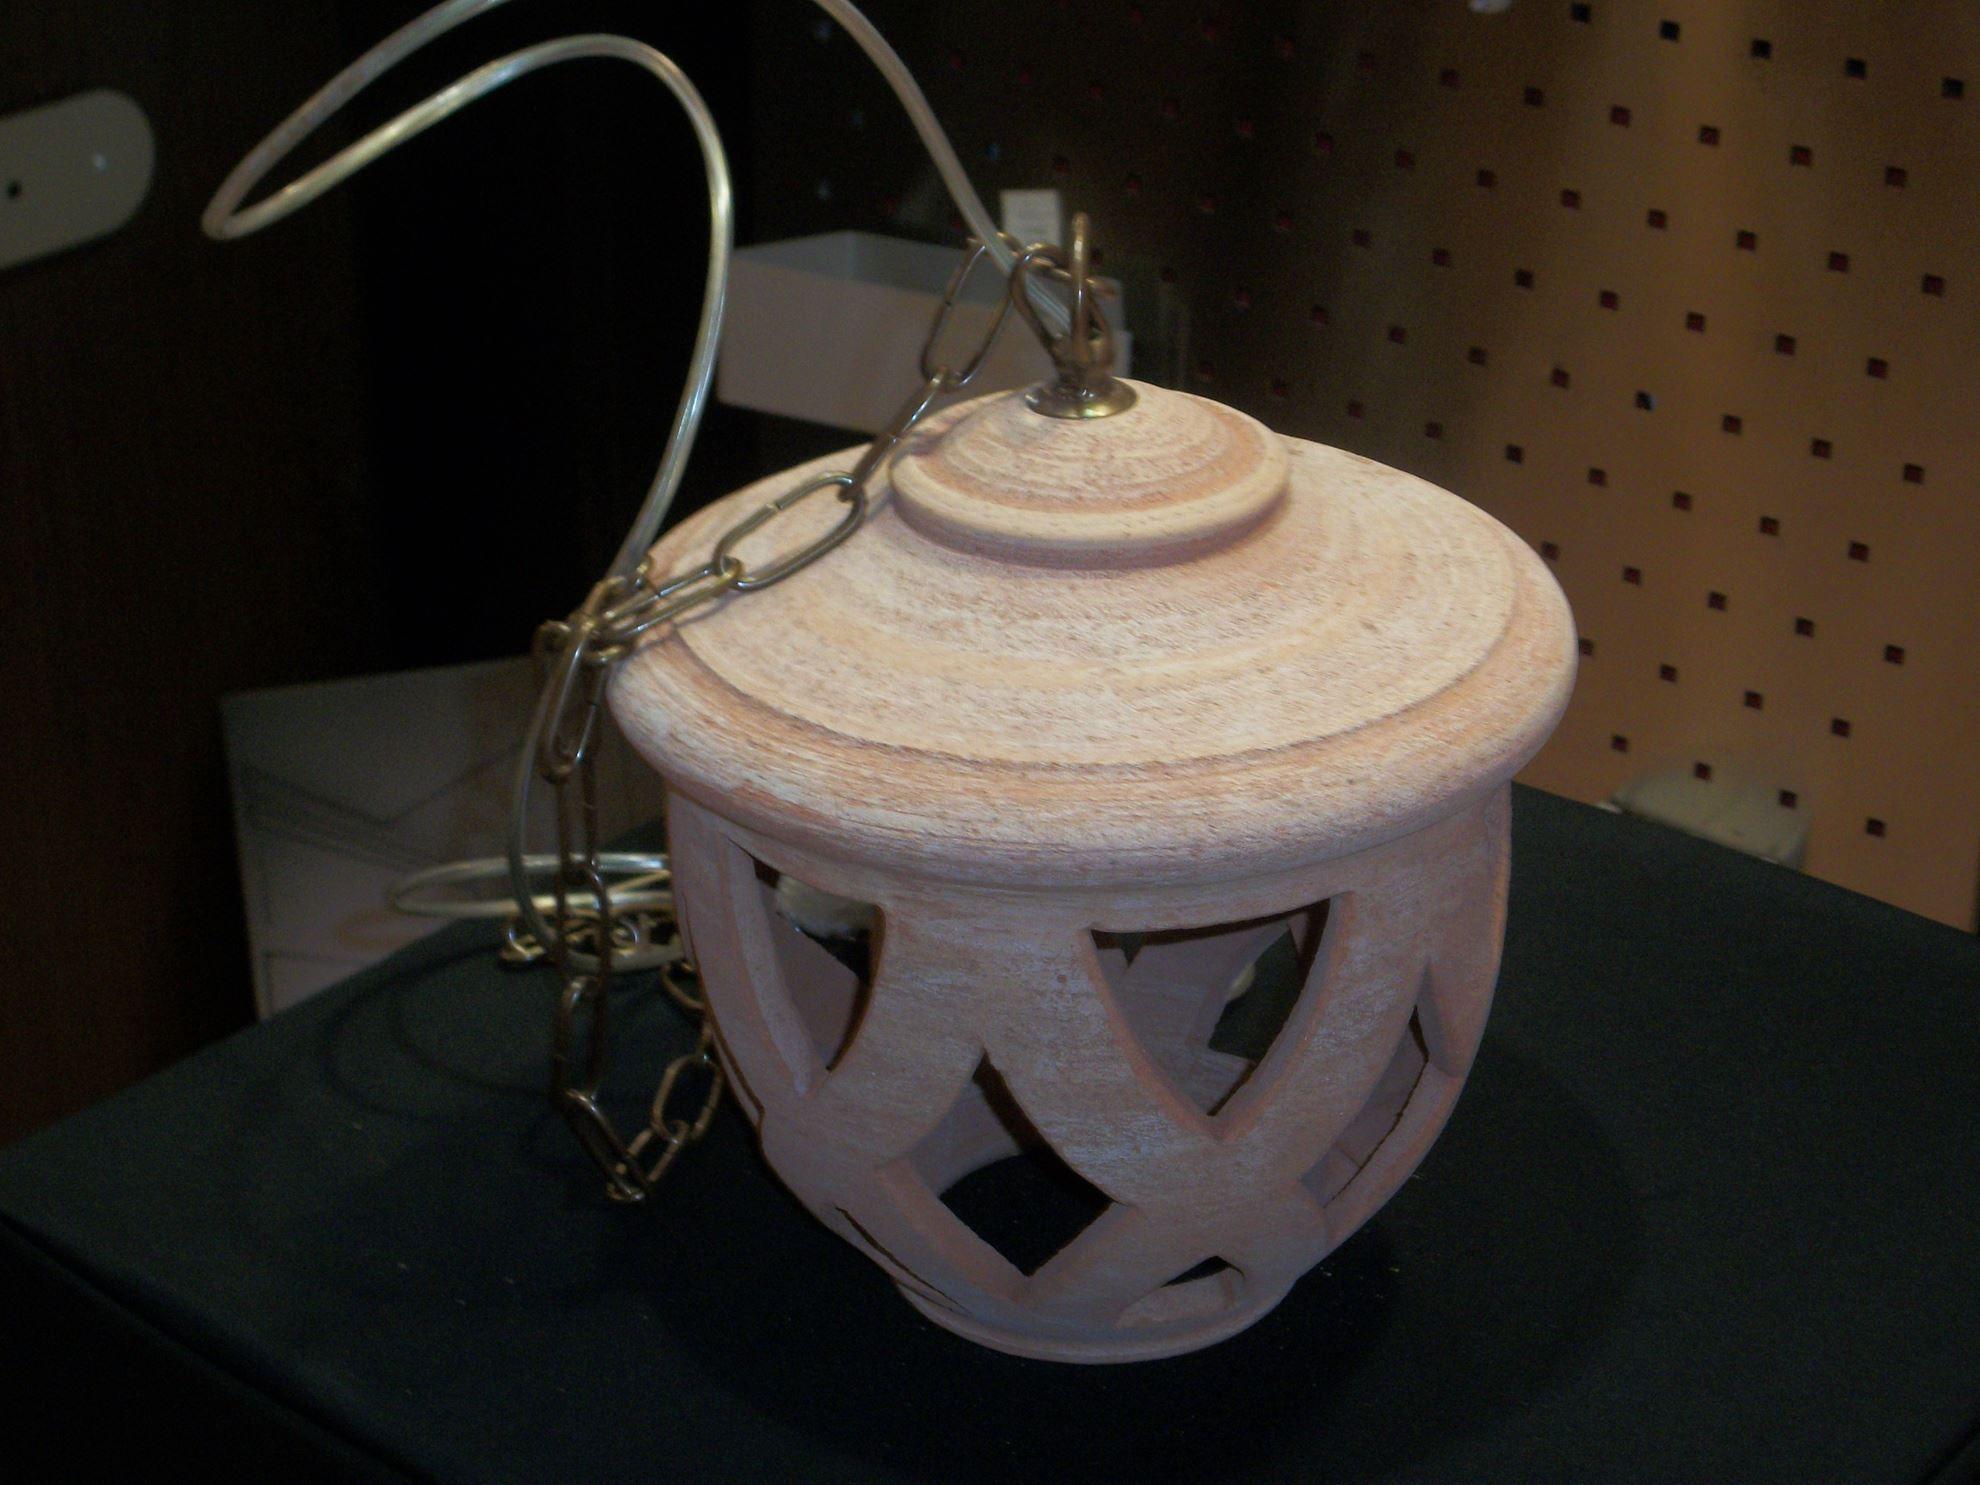 lampadari terracotta : ... IP44 DI TERRACOTTA. Bime - Ingrosso e dettaglio materiale elettrico